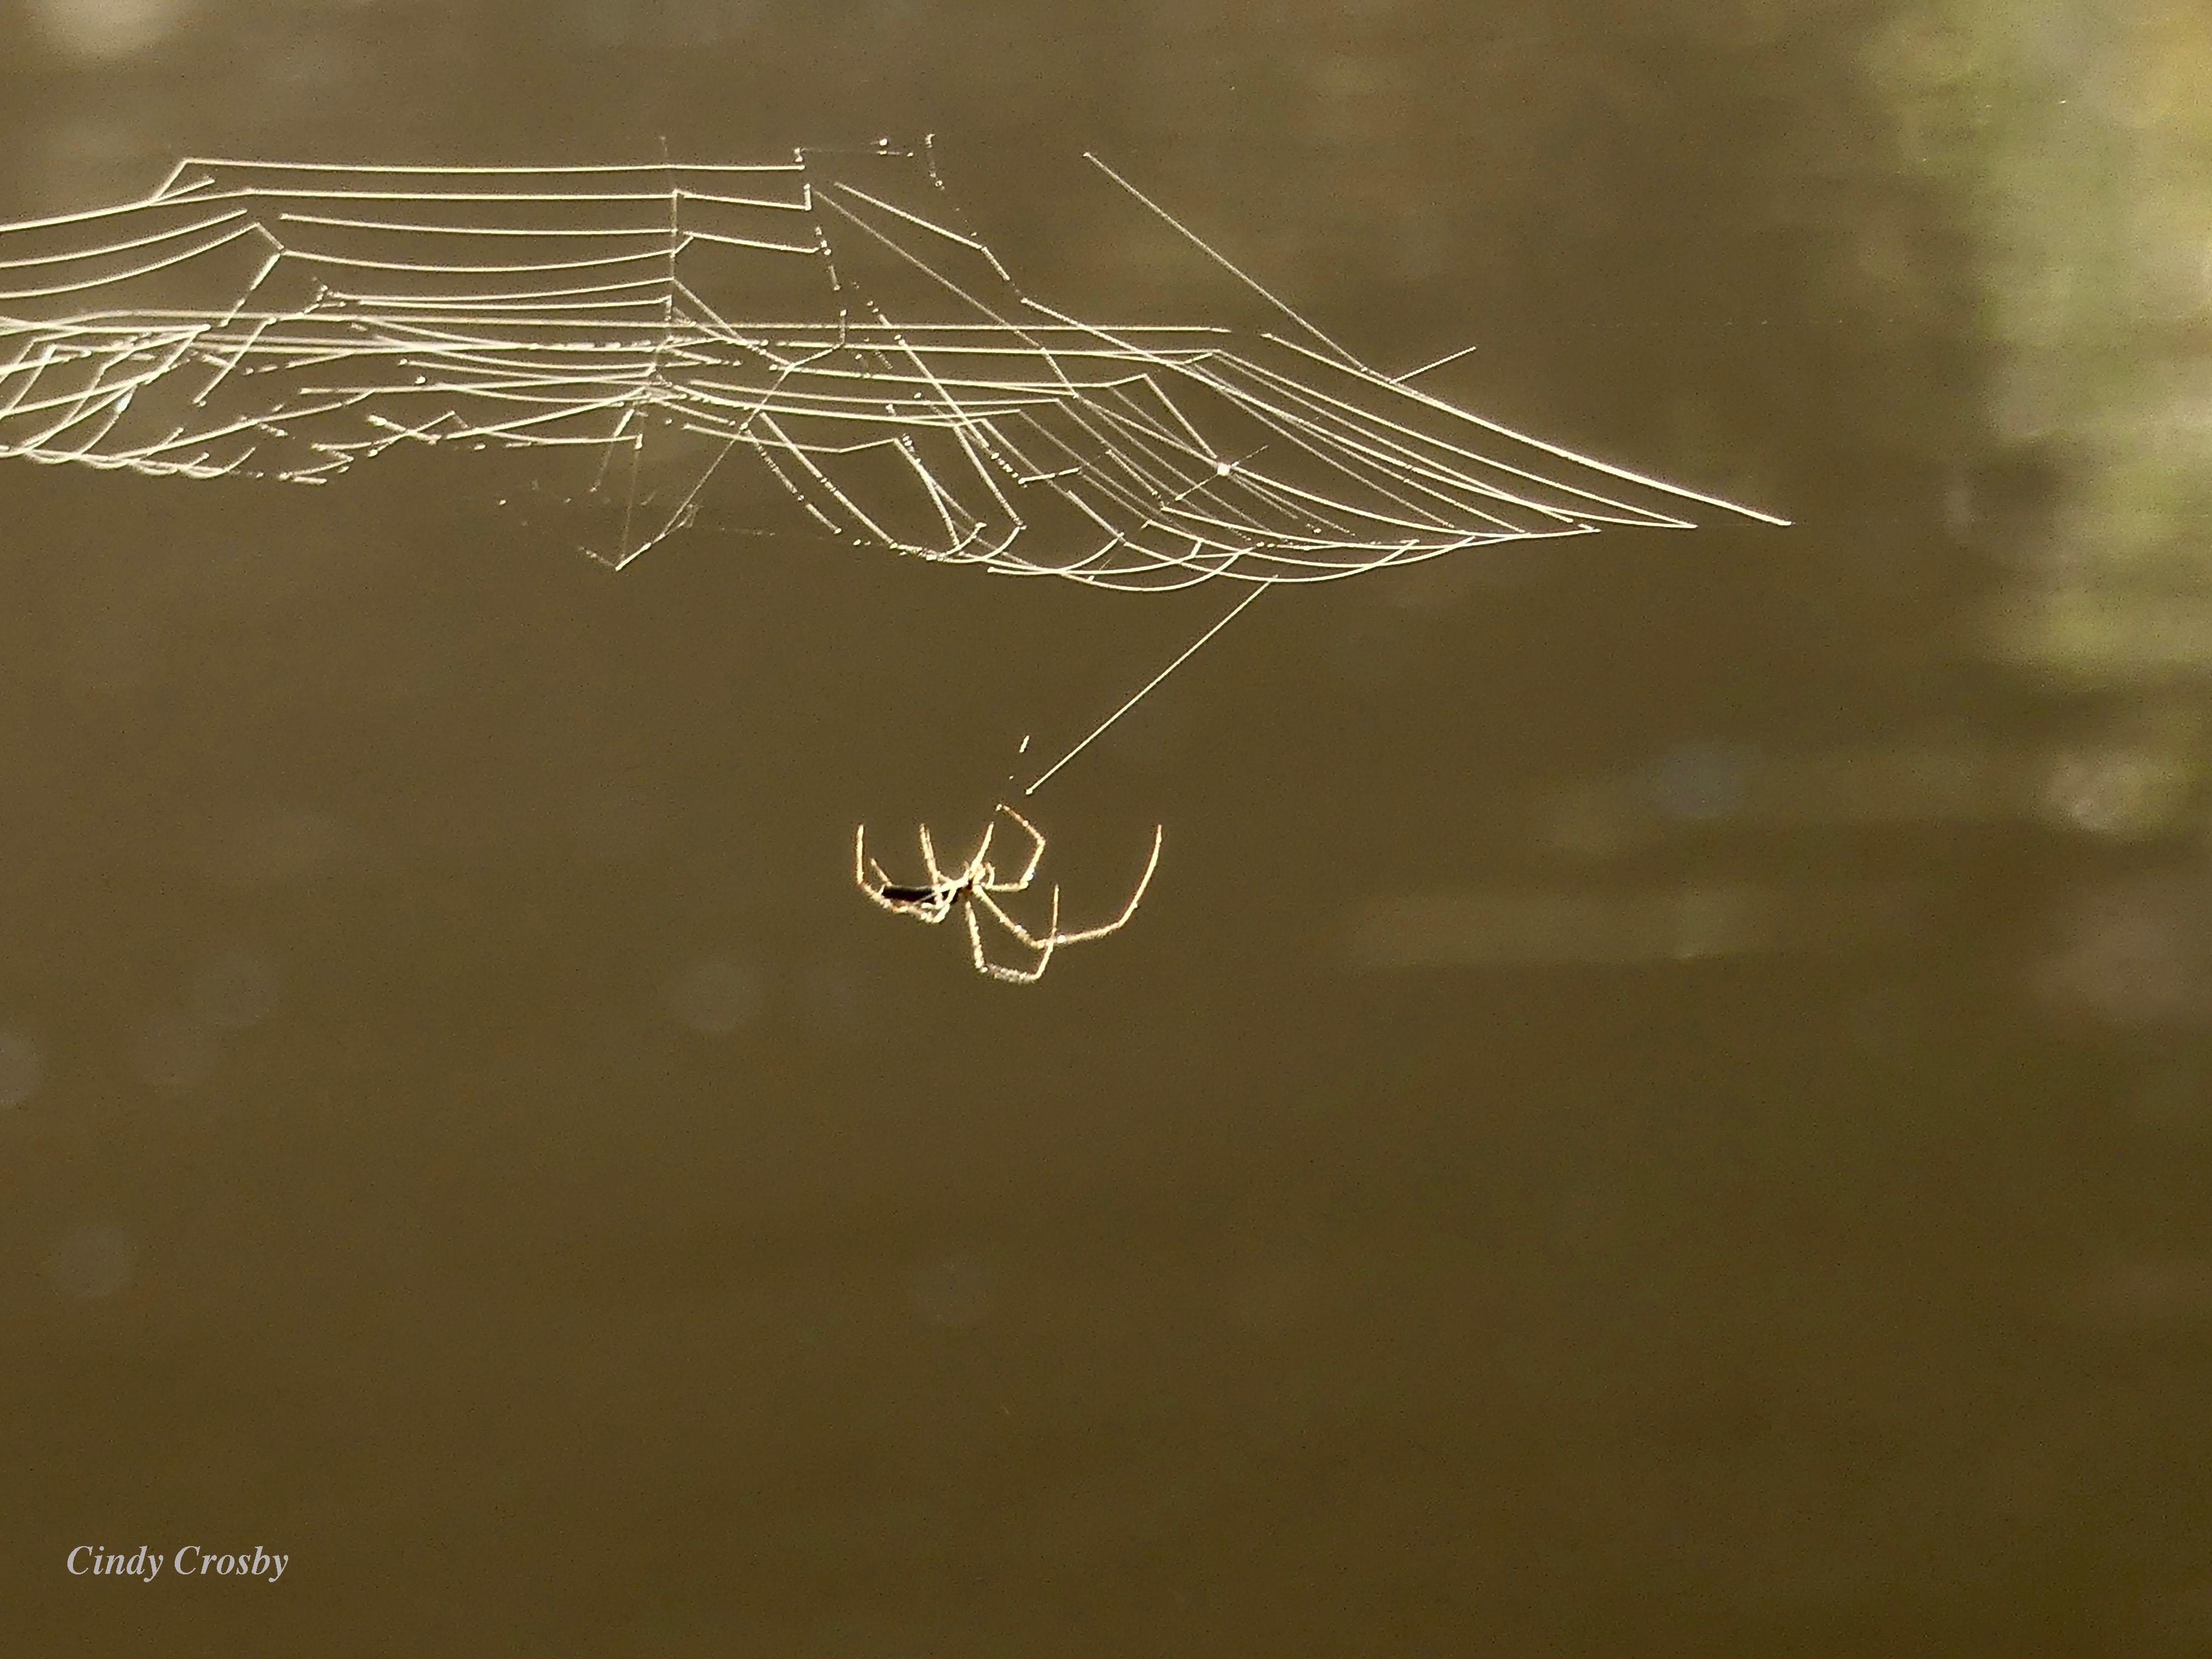 spideroverwillowaybrookwebfogSPMA93019WM.jpg